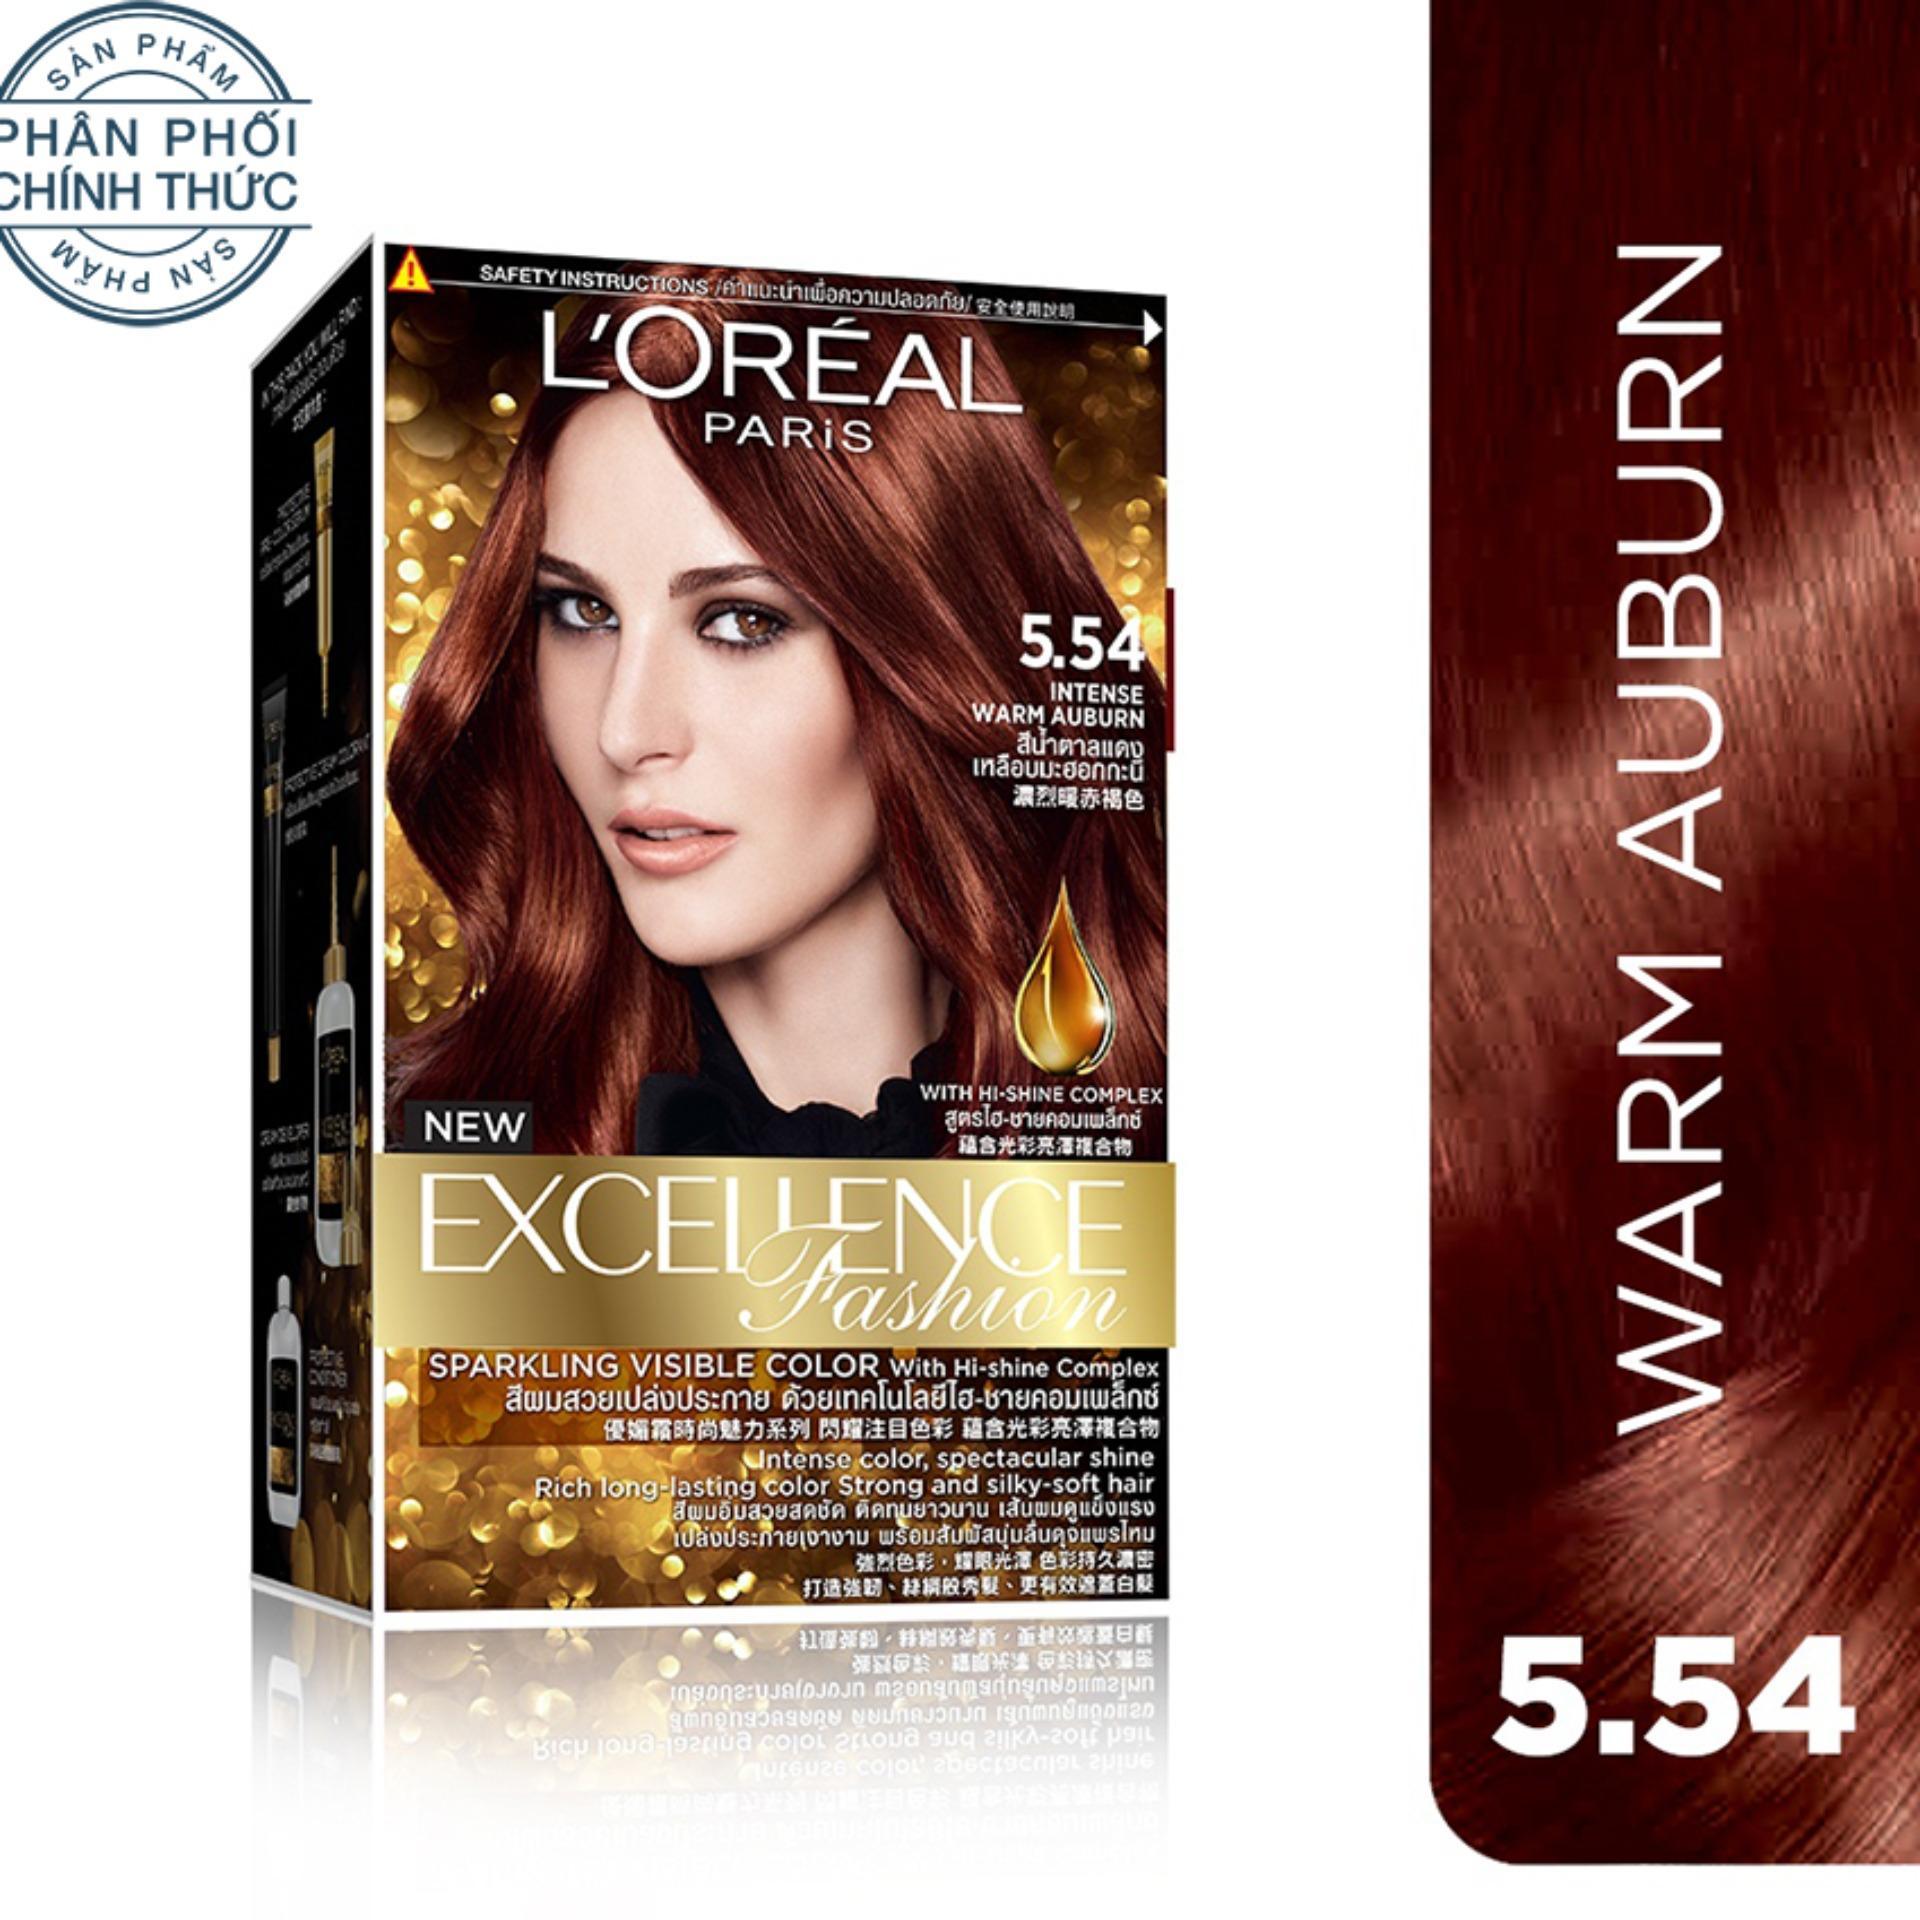 Ôn Tập Kem Nhuộm Dưỡng Toc L Oreal Paris Excellence Fashion Mau 5 54 172Ml Nau Đỏ Anh Cam Mới Nhất